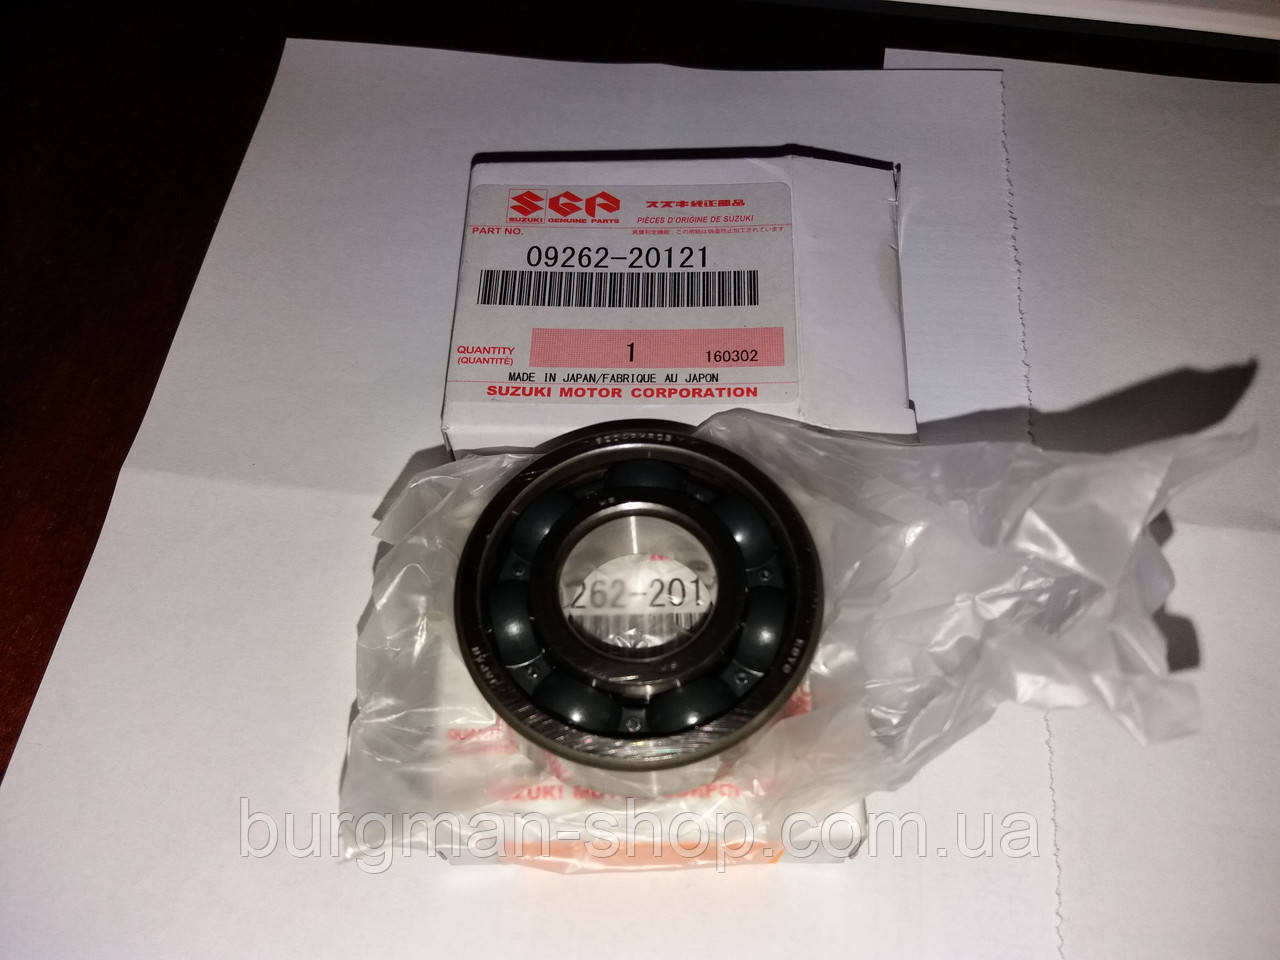 Подшипник балансира правый 400К7 Suzuki Burgman SkyWave 09262-20121